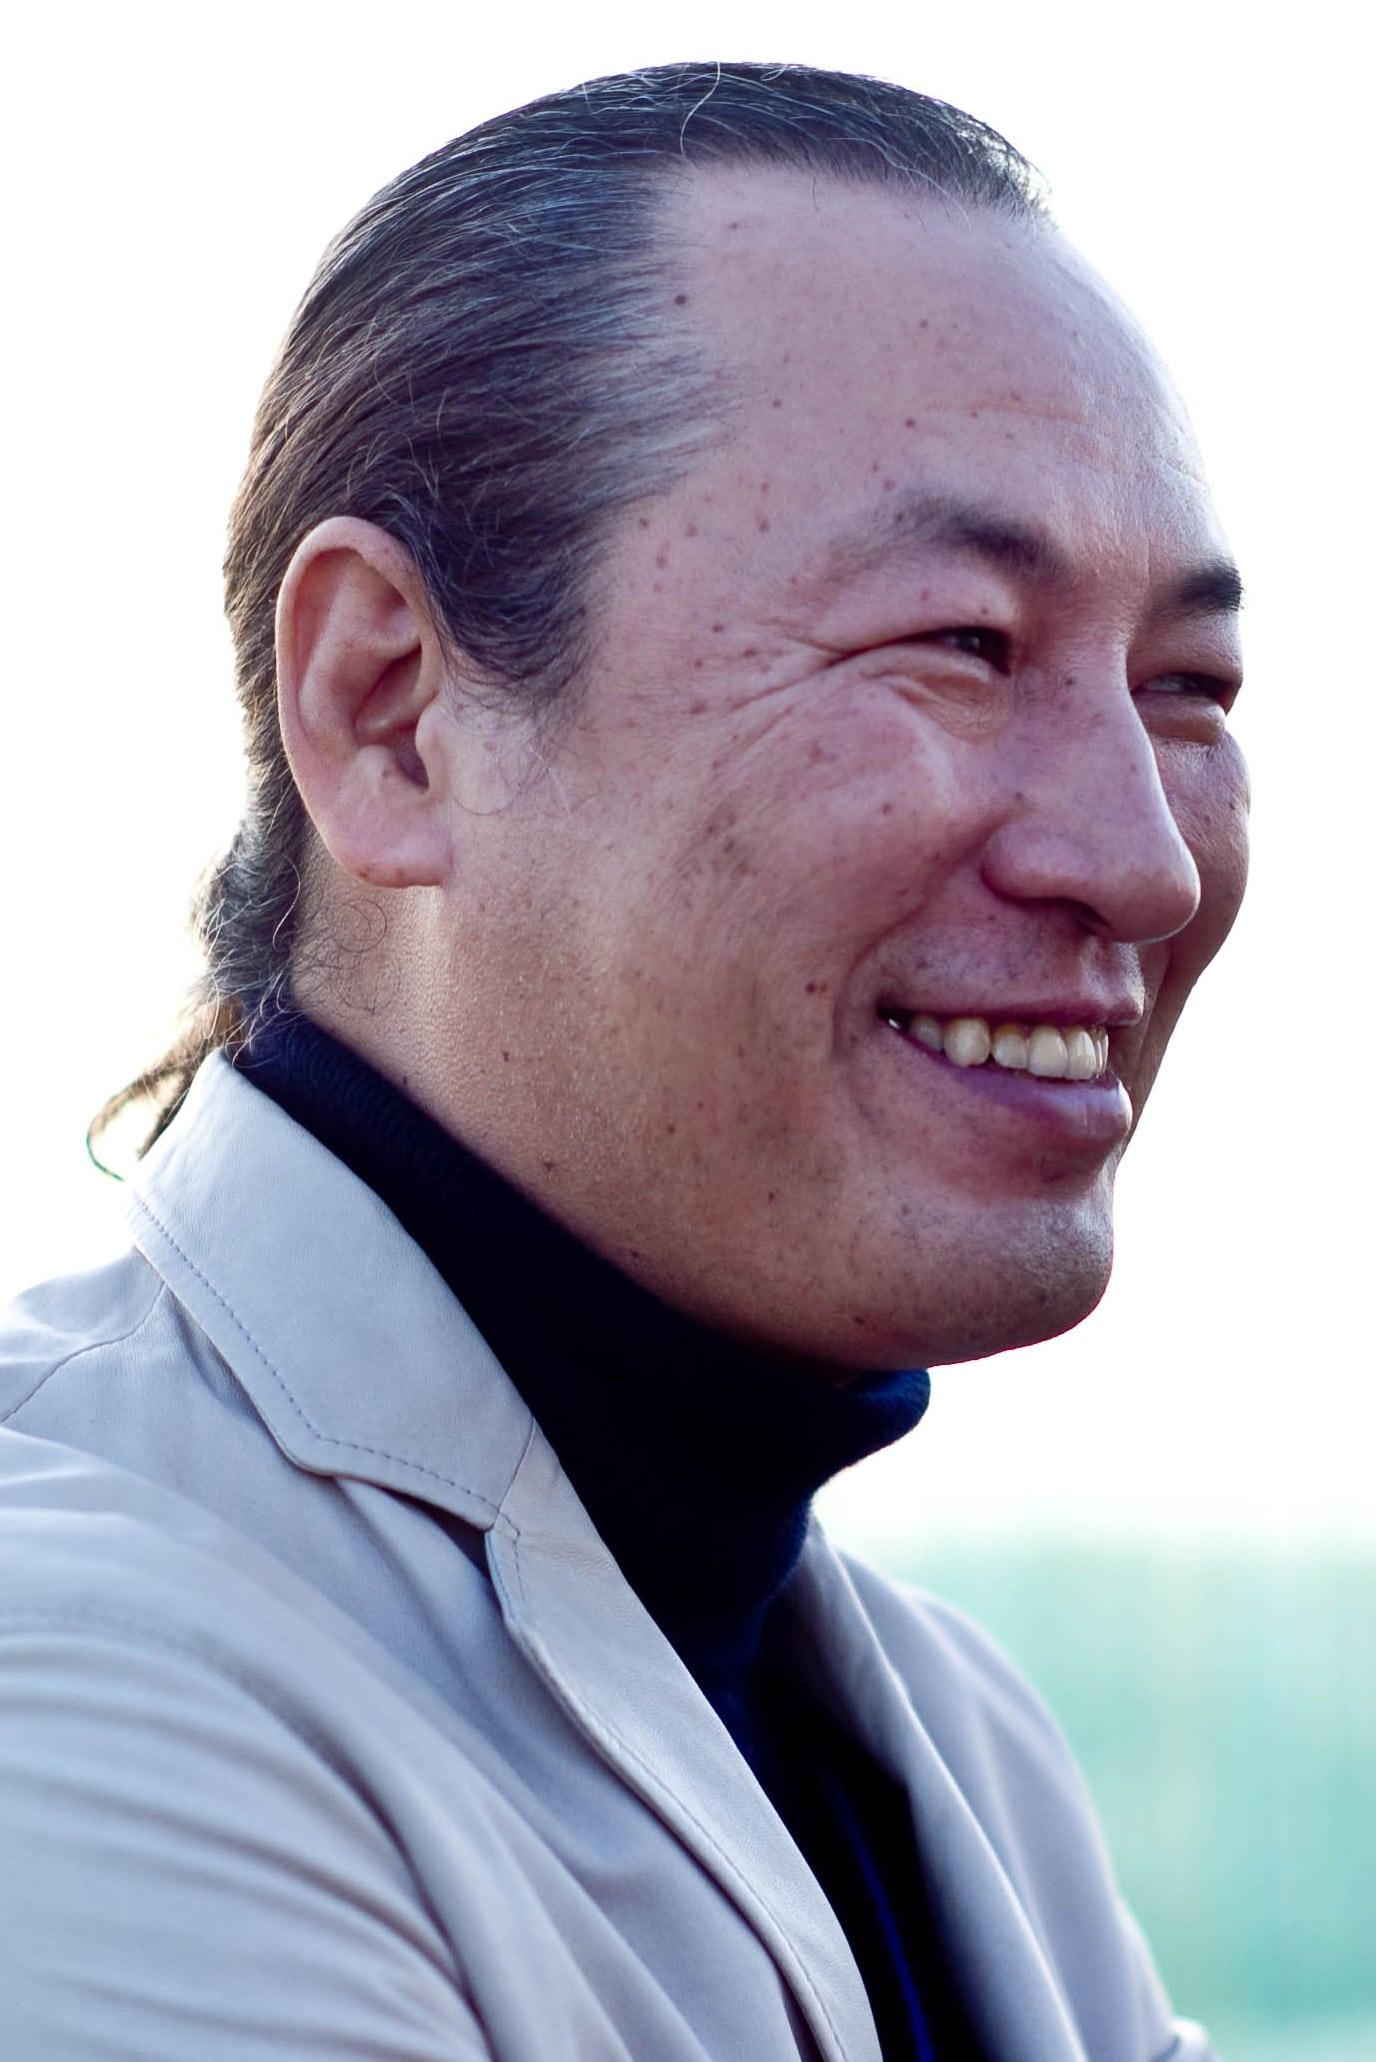 Hiroyuki Nakano